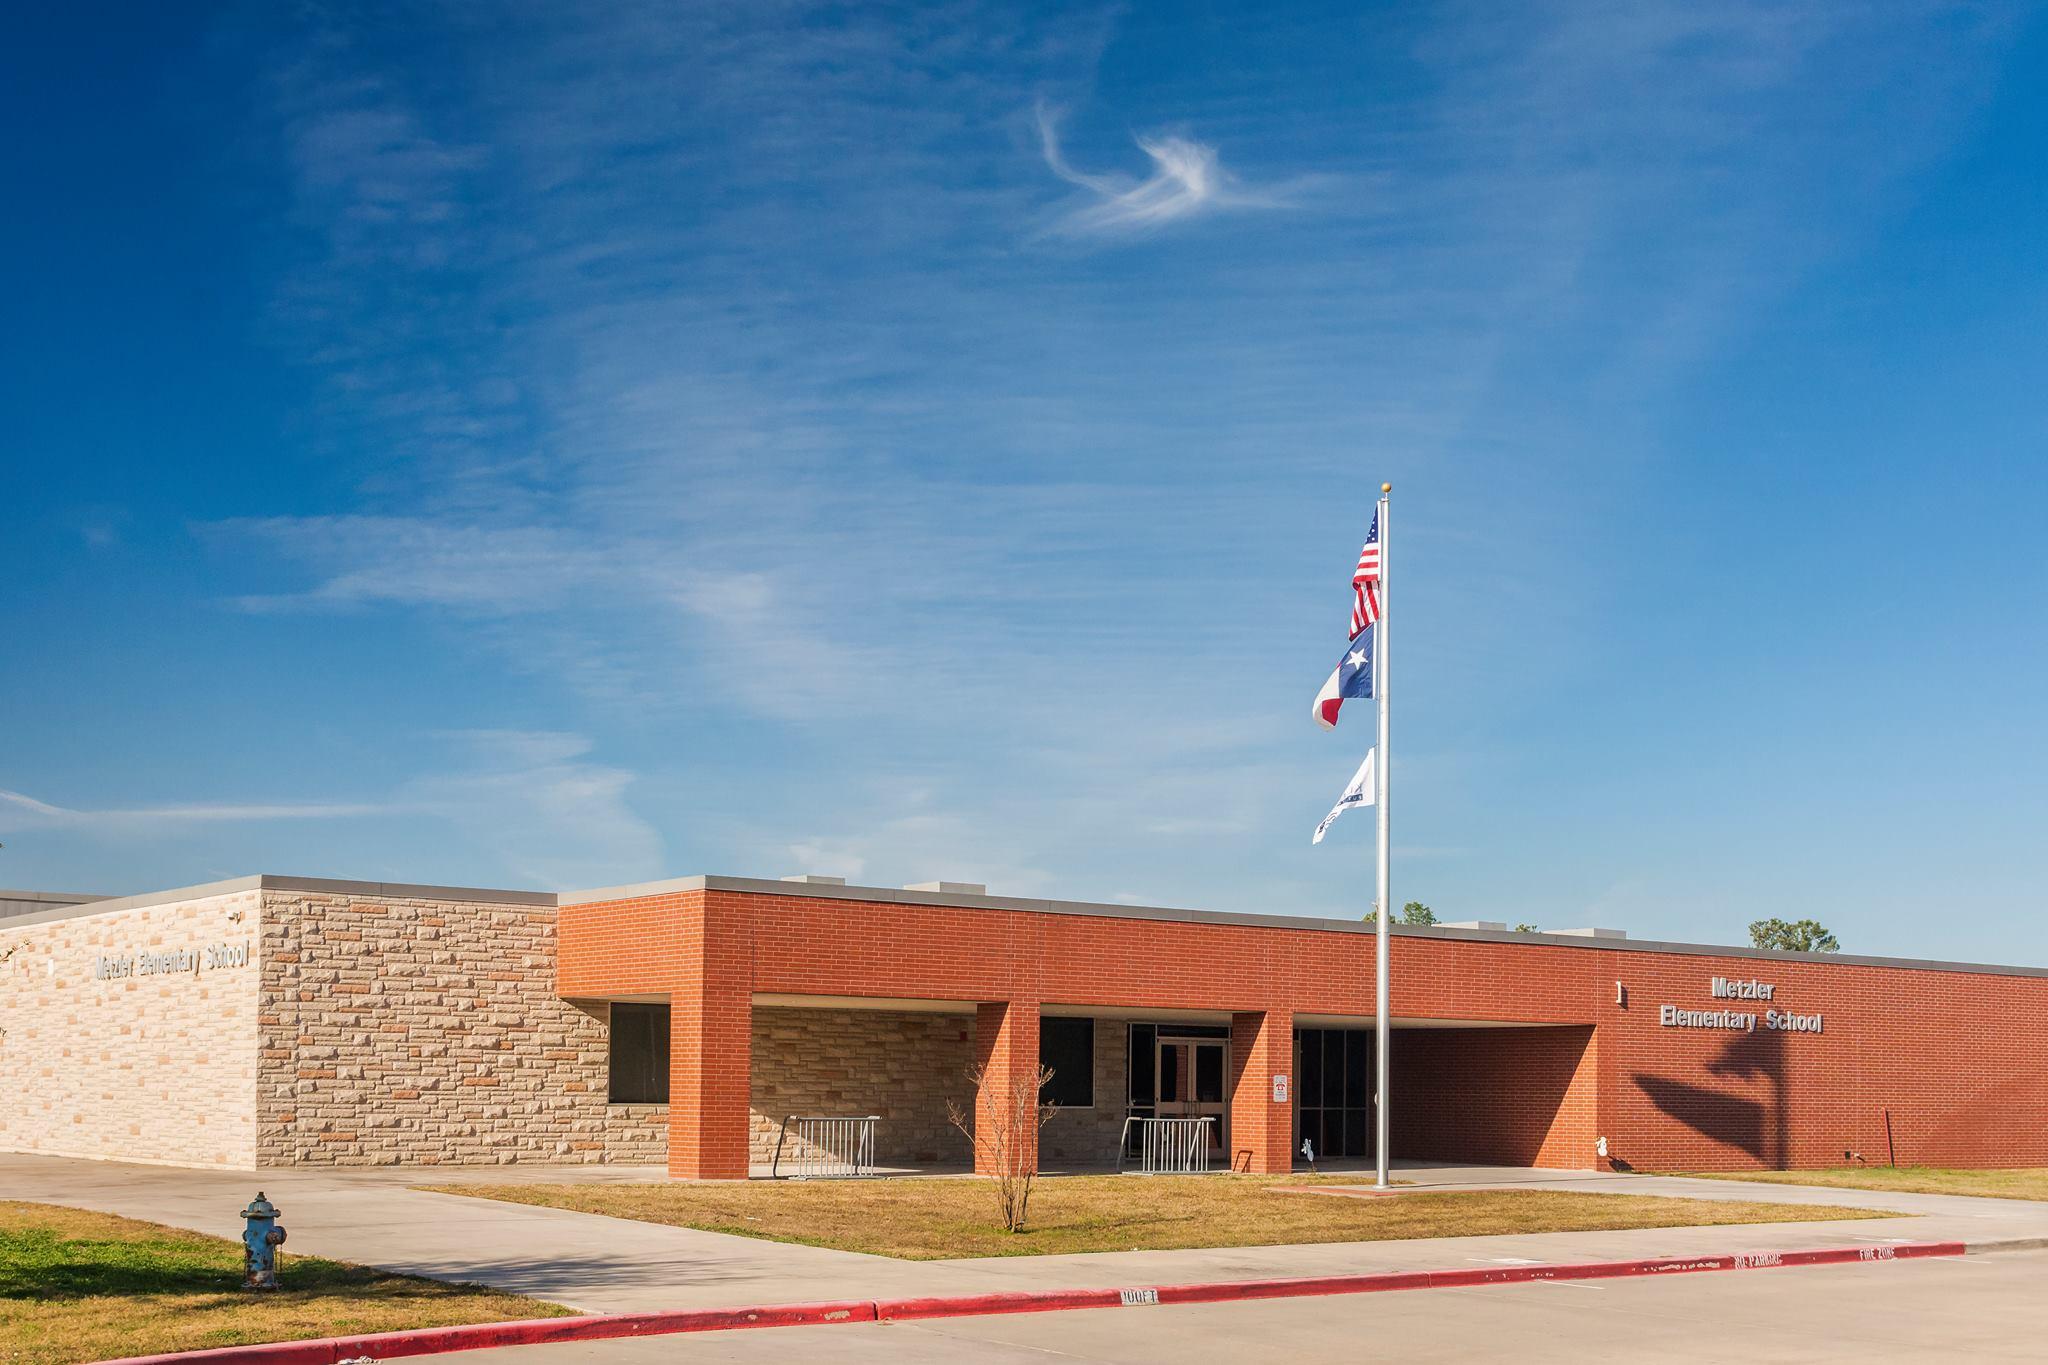 Metzler Elementary School